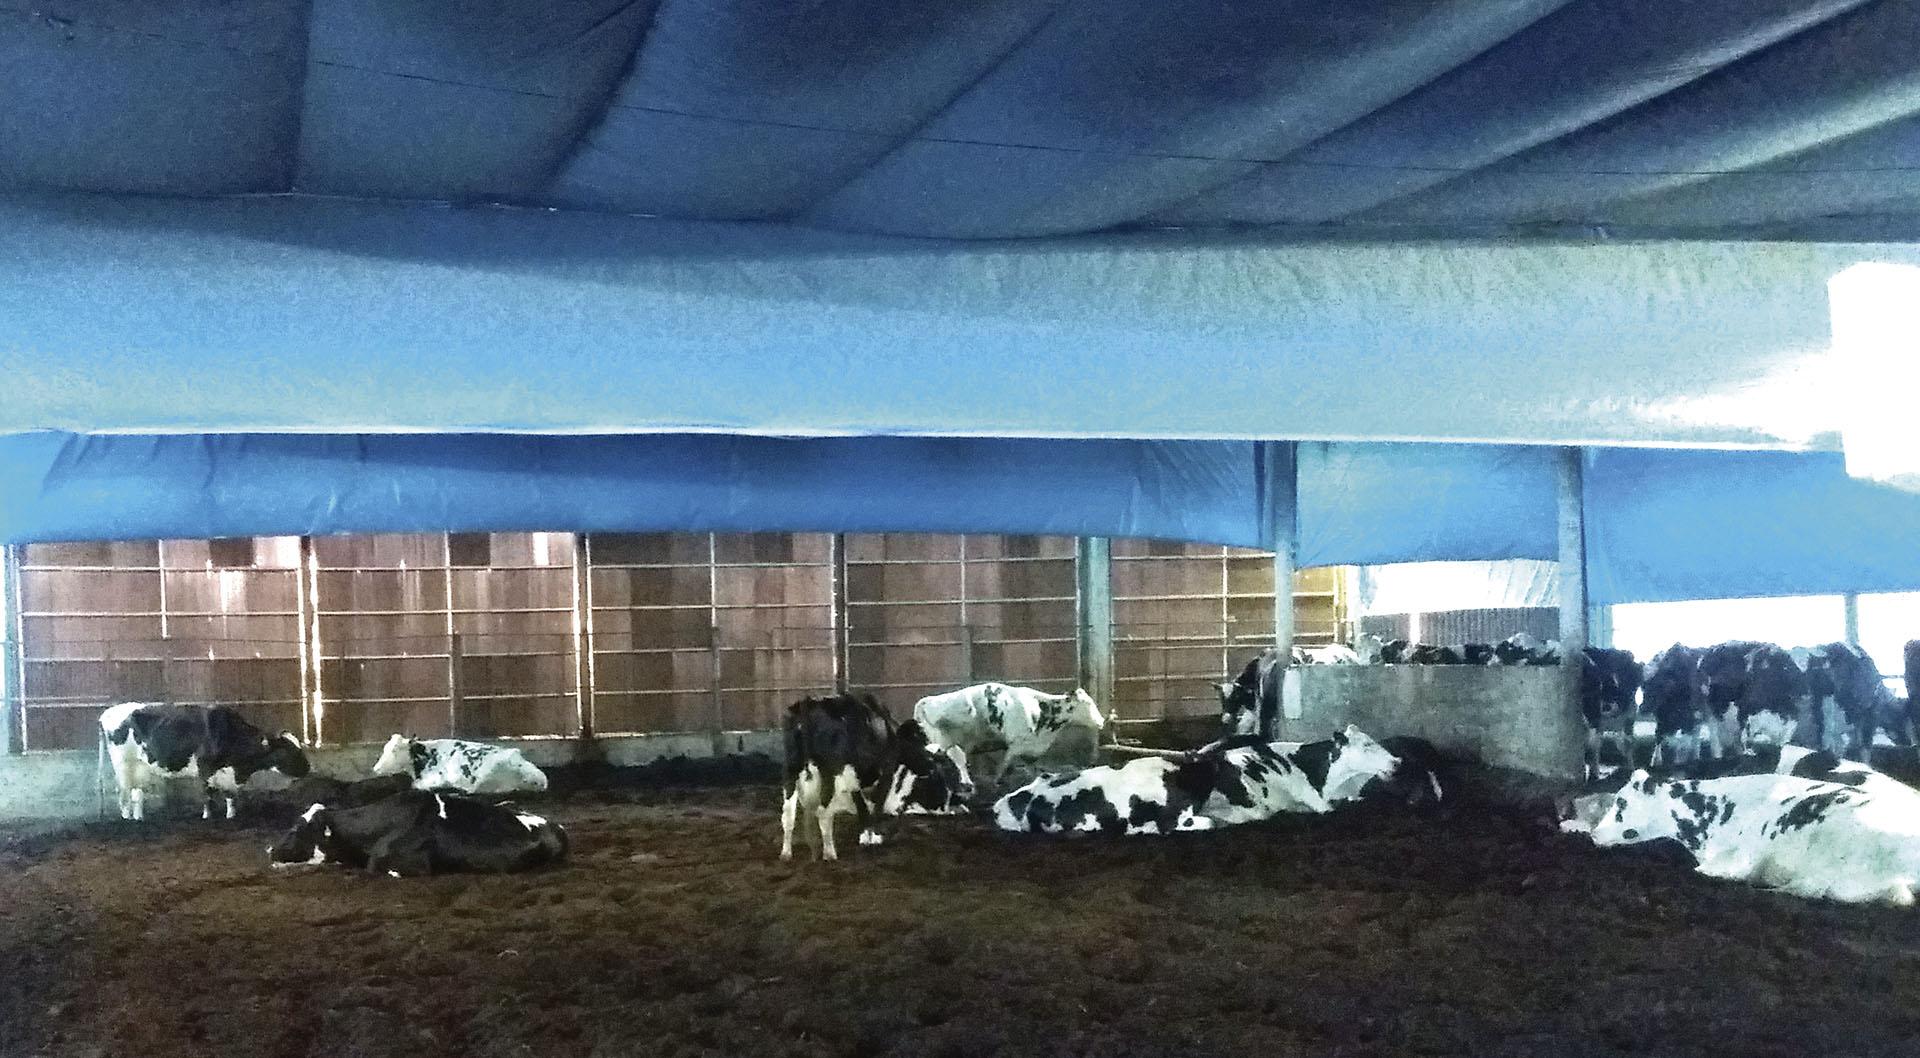 revista-balde-branco-compost-barn-01b-ed670